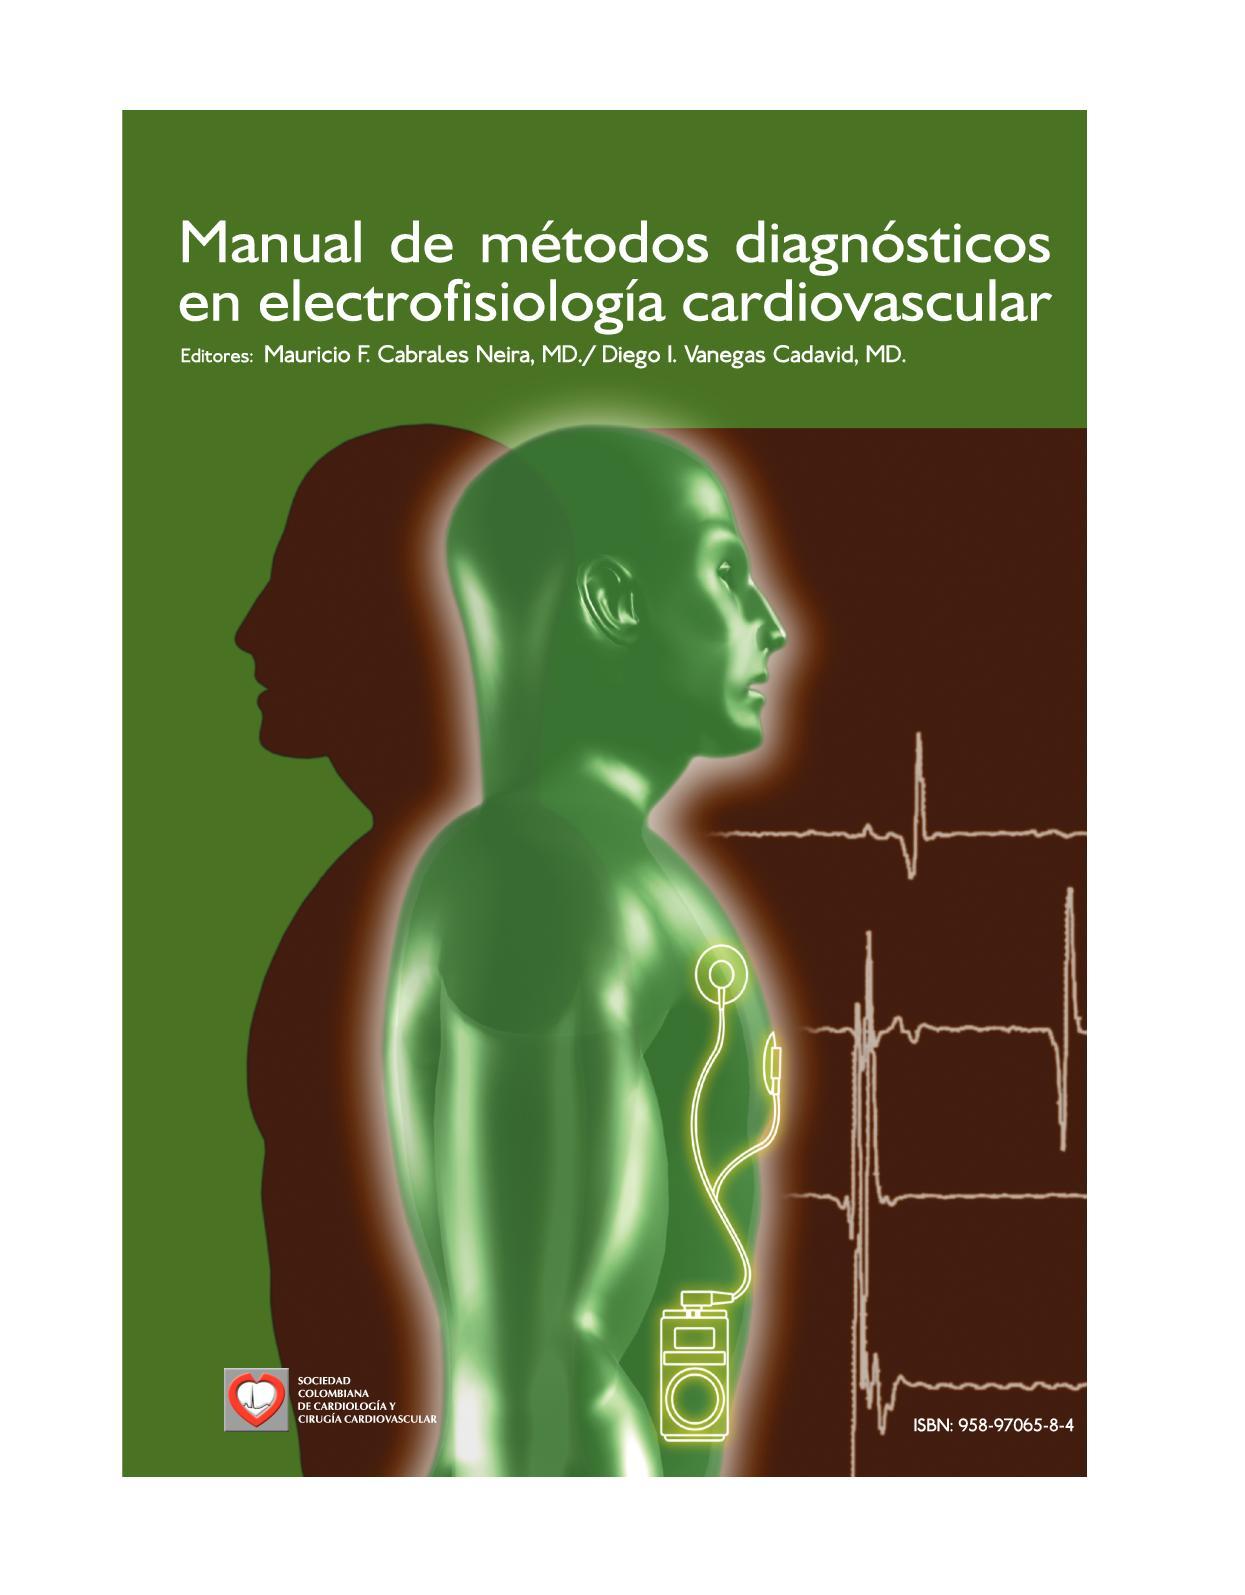 Pb sistólica baja de la espalda